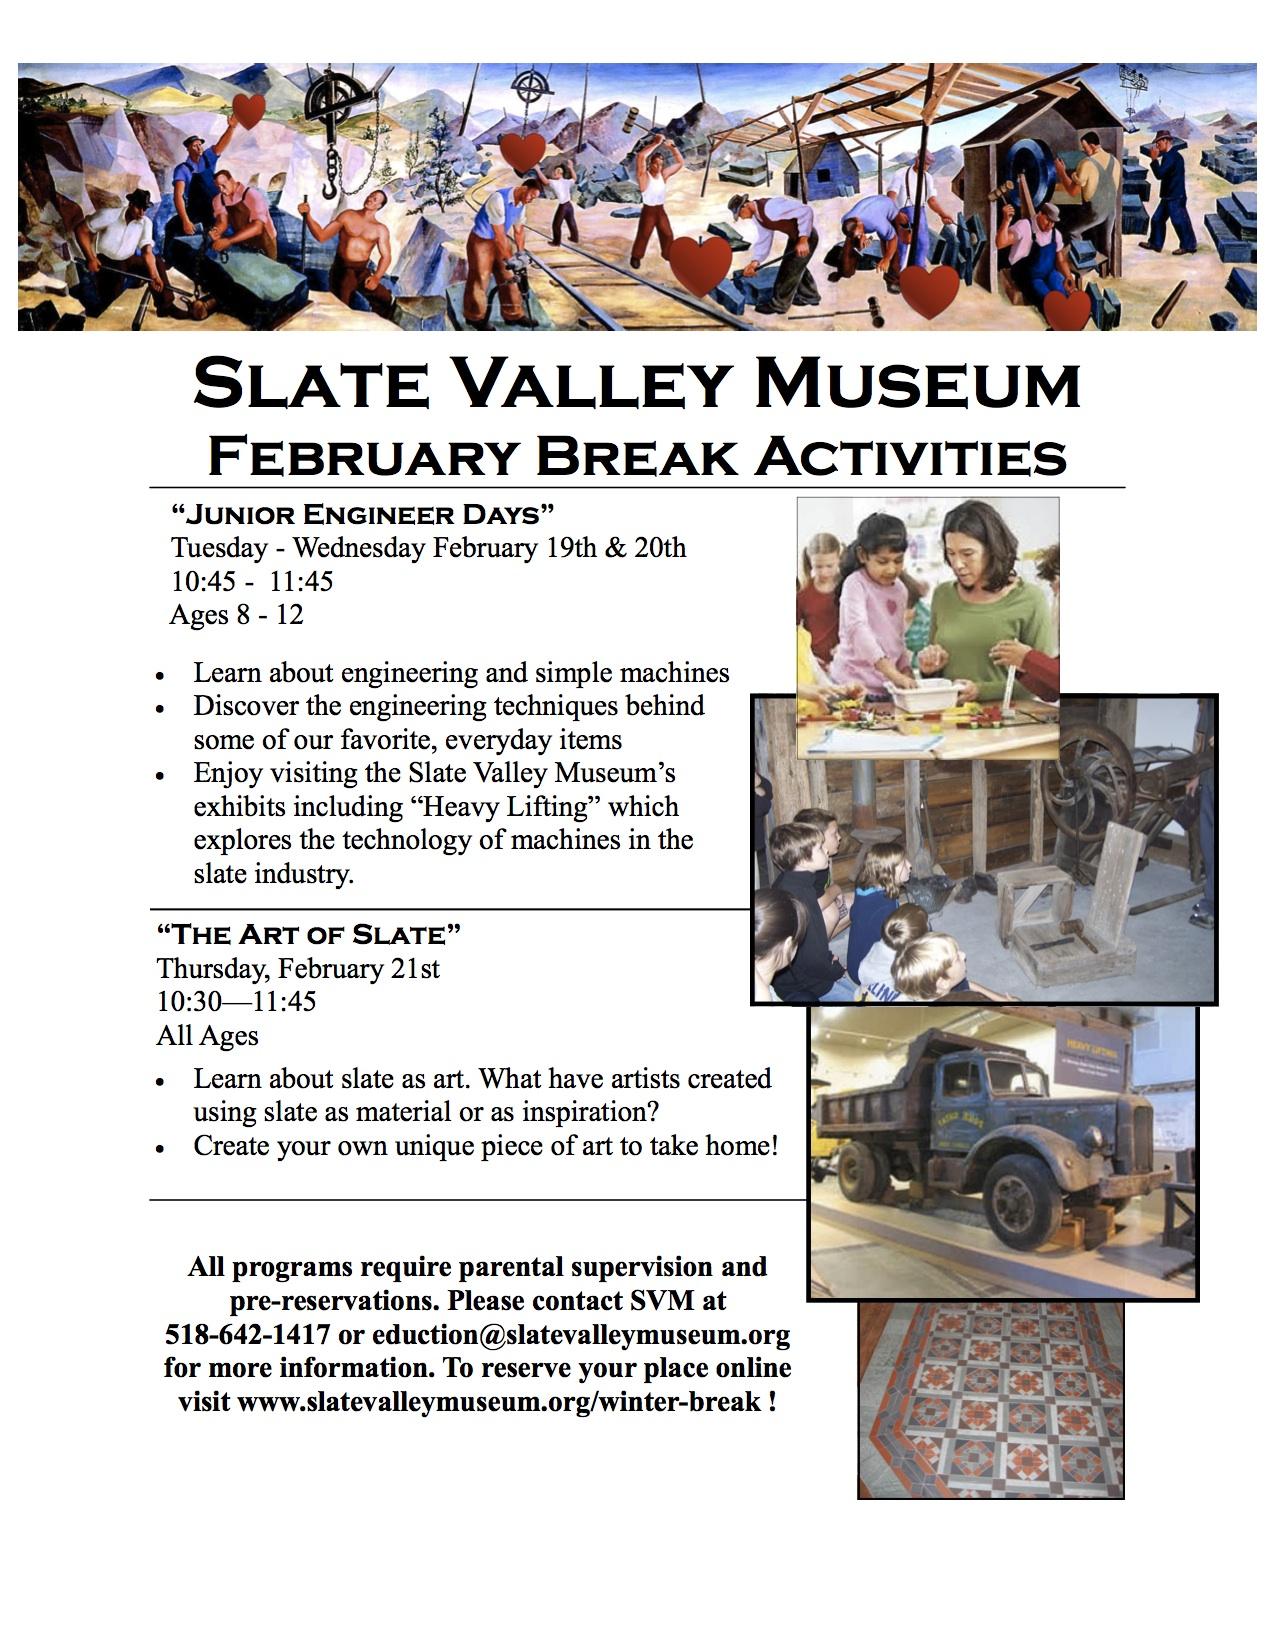 february_break_activities_flyer.jpg